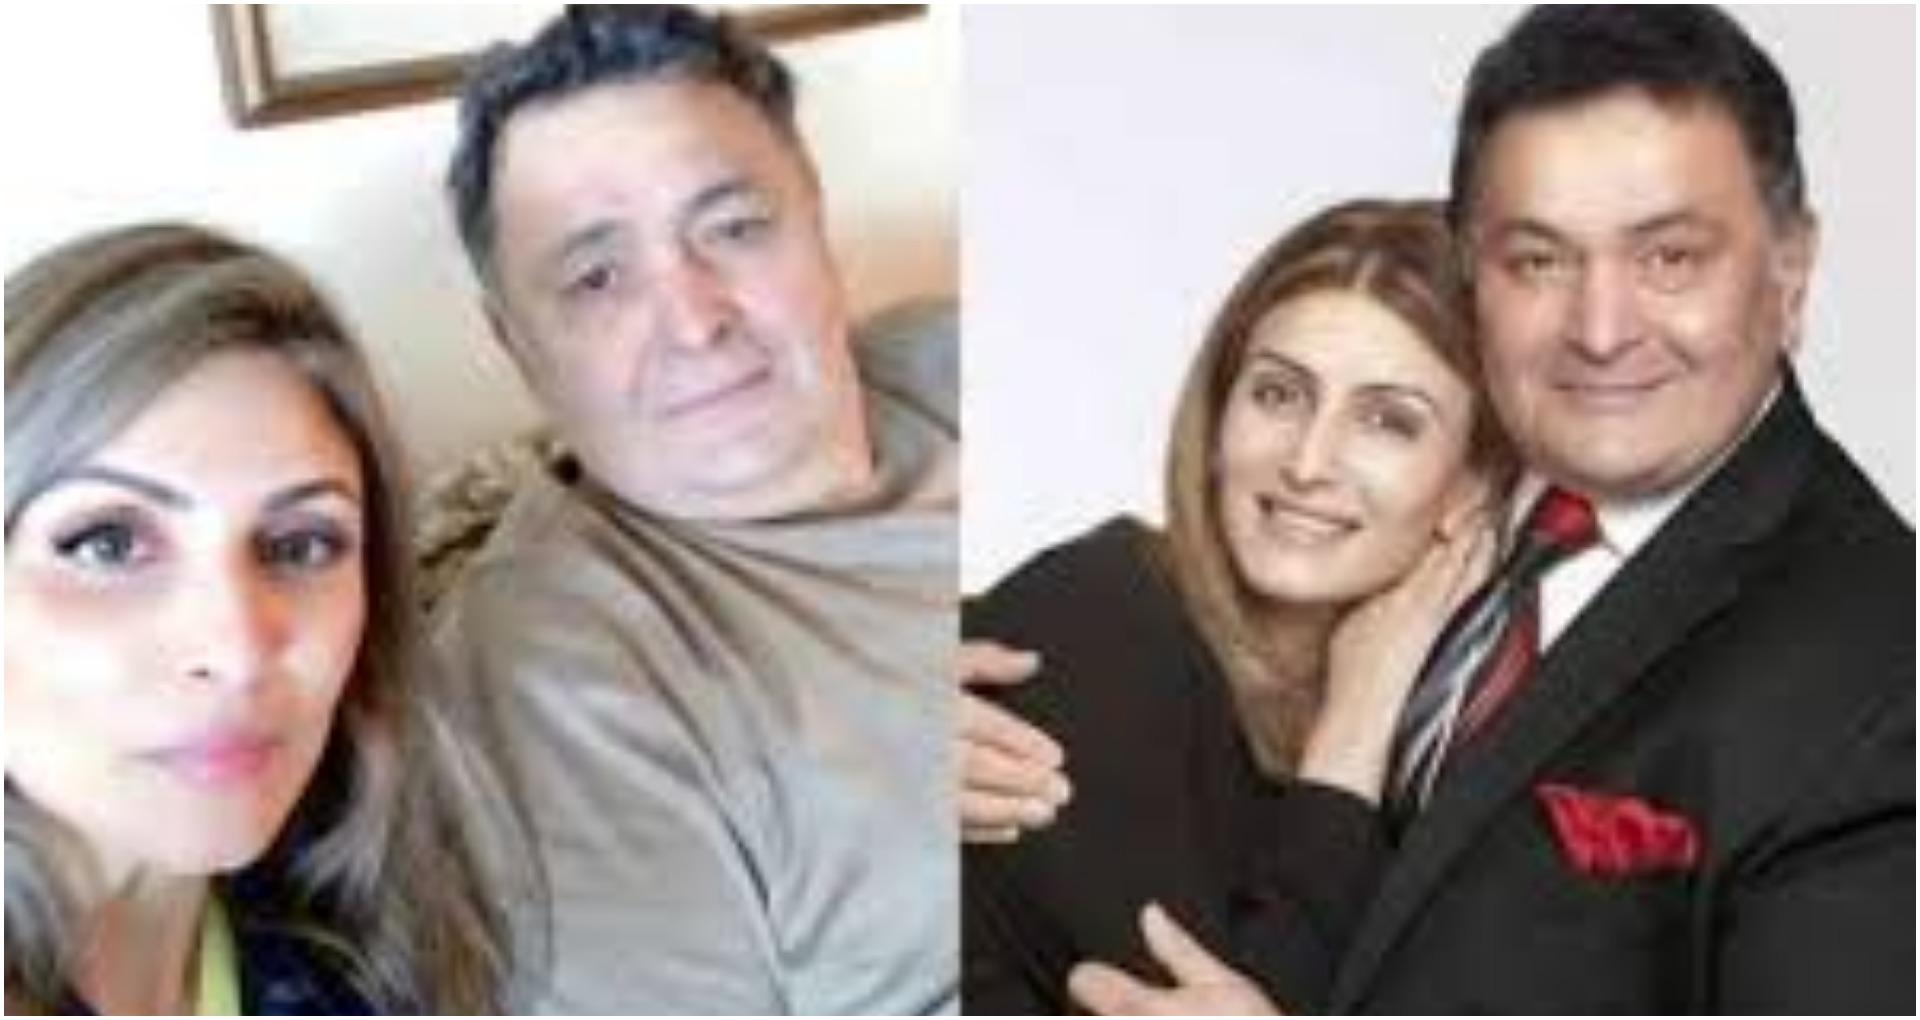 ऋषि कपूर के निधन के बाद बेटी रिद्धिमा कपूर ने लिखी भावुक पोस्ट, कहा- 'पापा वापस आ जाओ ना…'